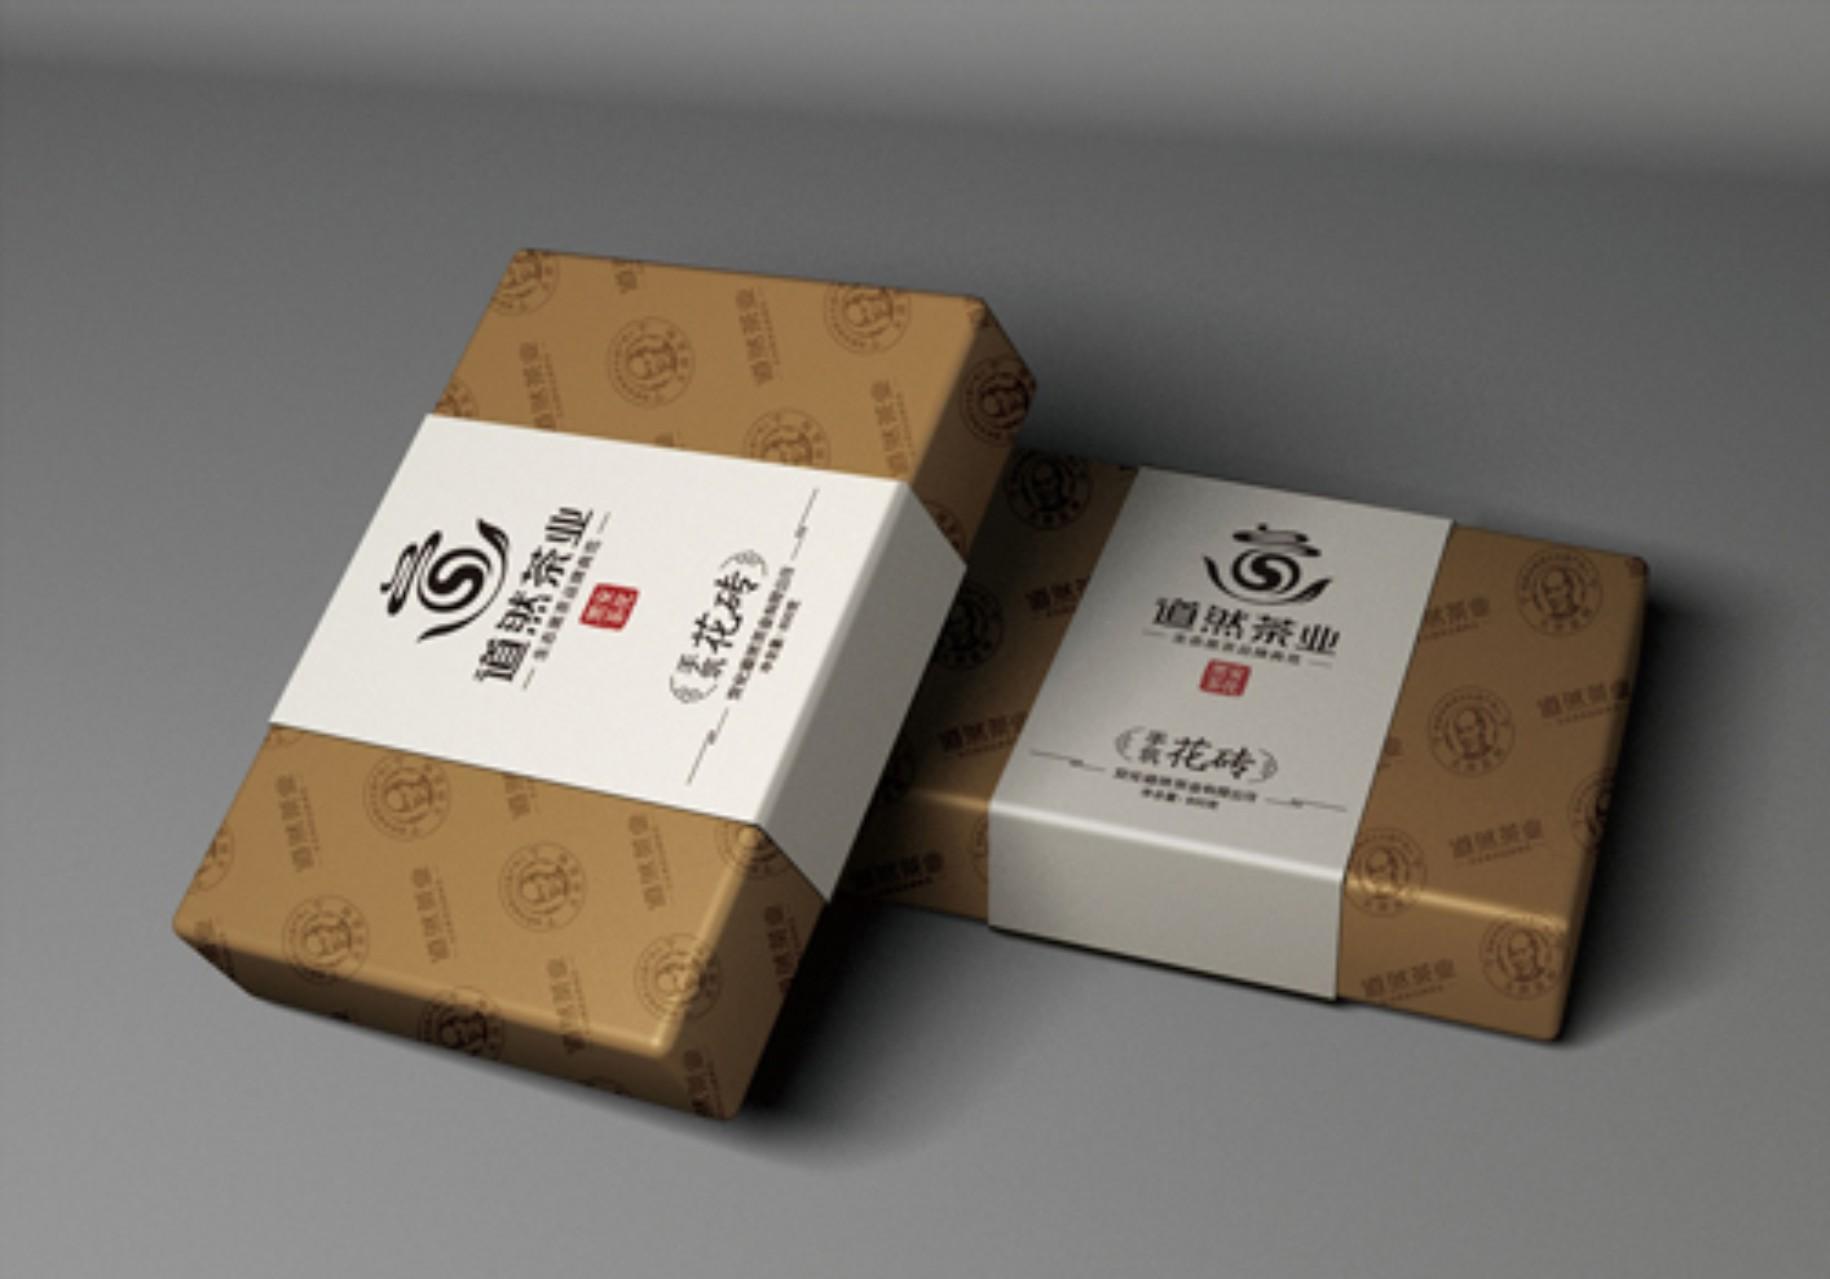 有了郑州包装设计企业才能转型